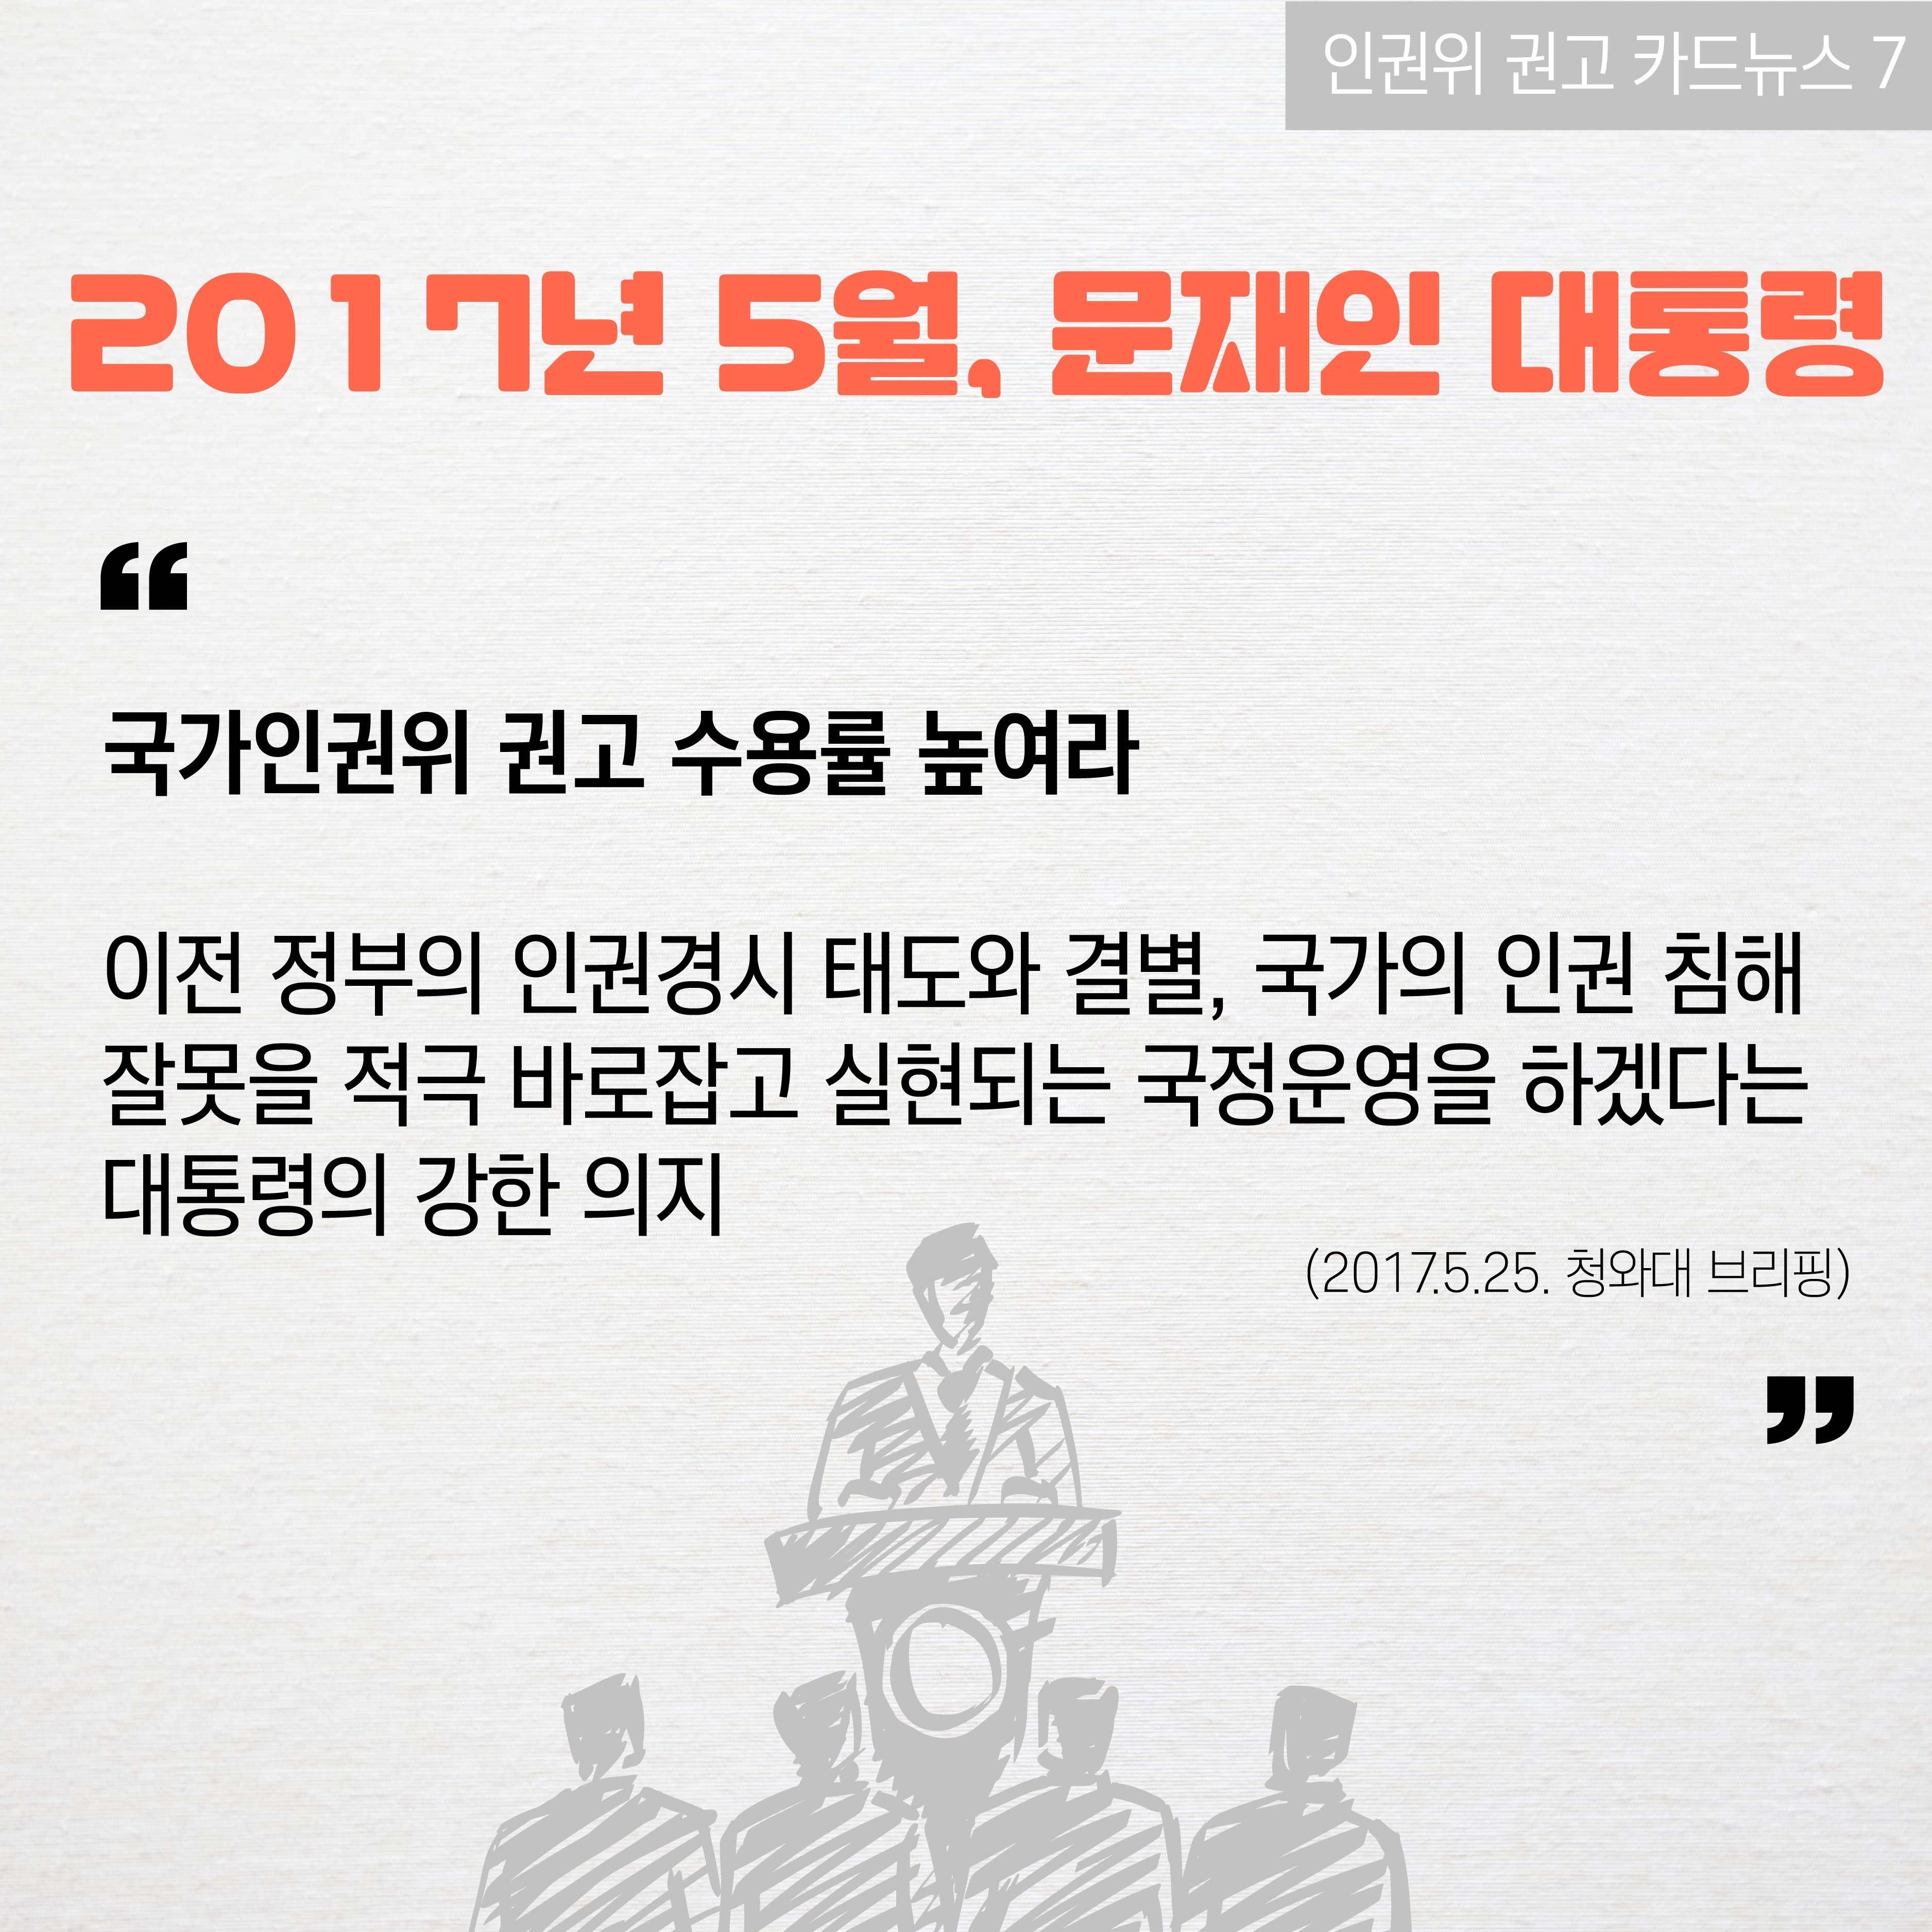 인권위권고카드뉴스-07.jpg